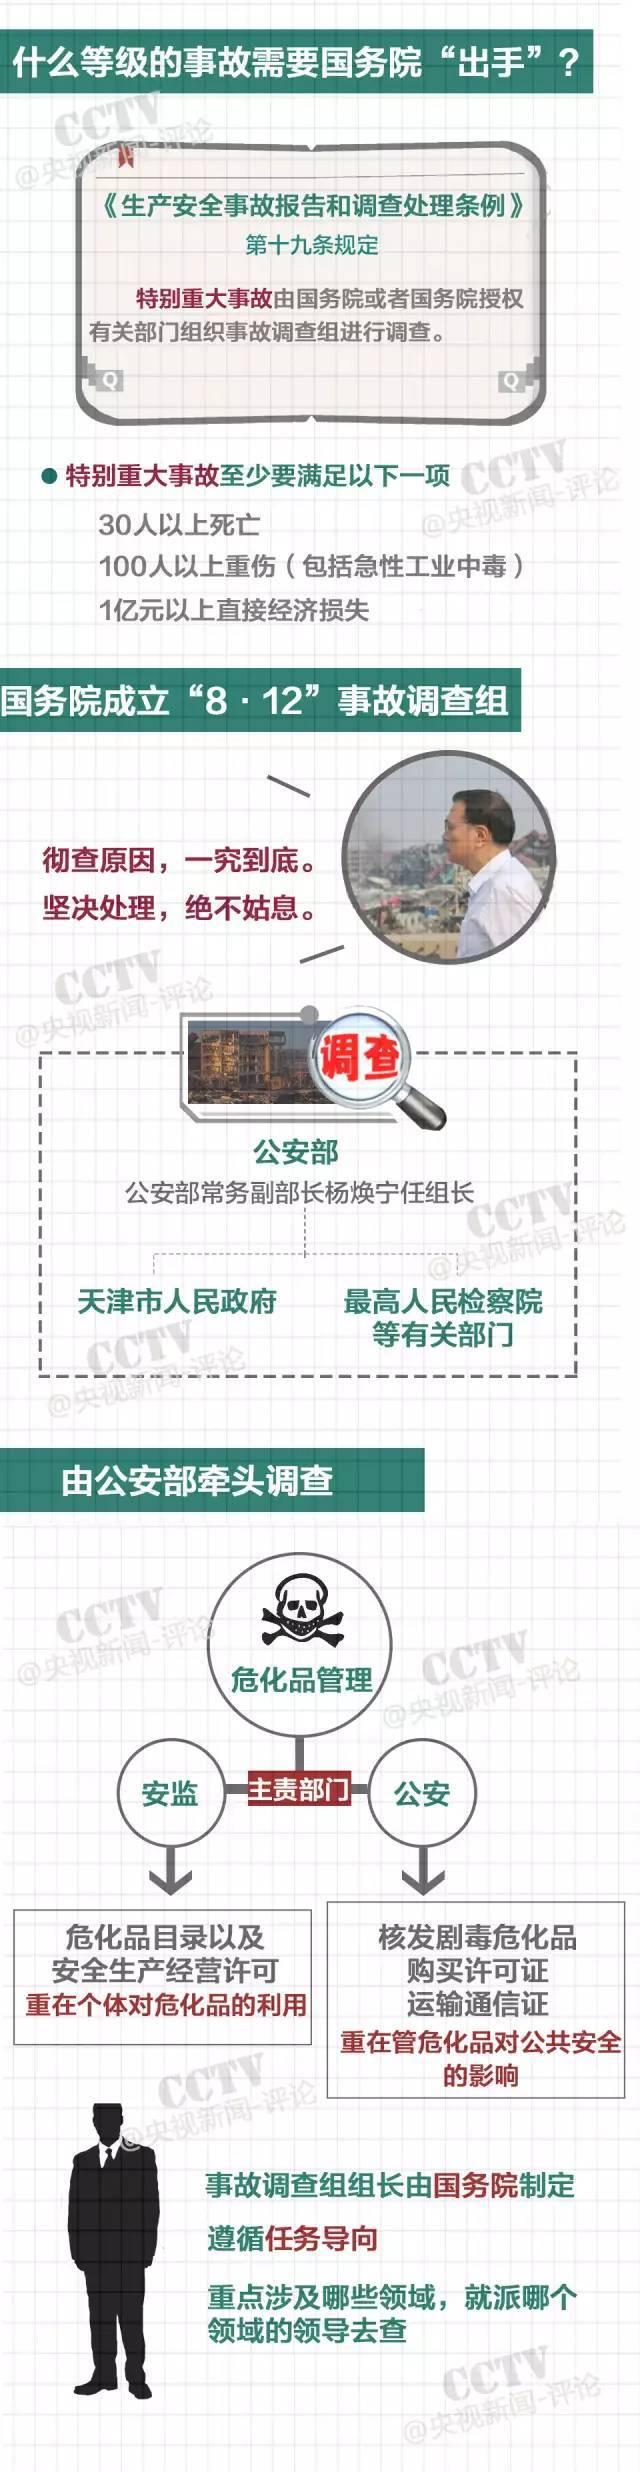 国务院将怎样调查天津港爆炸事故?